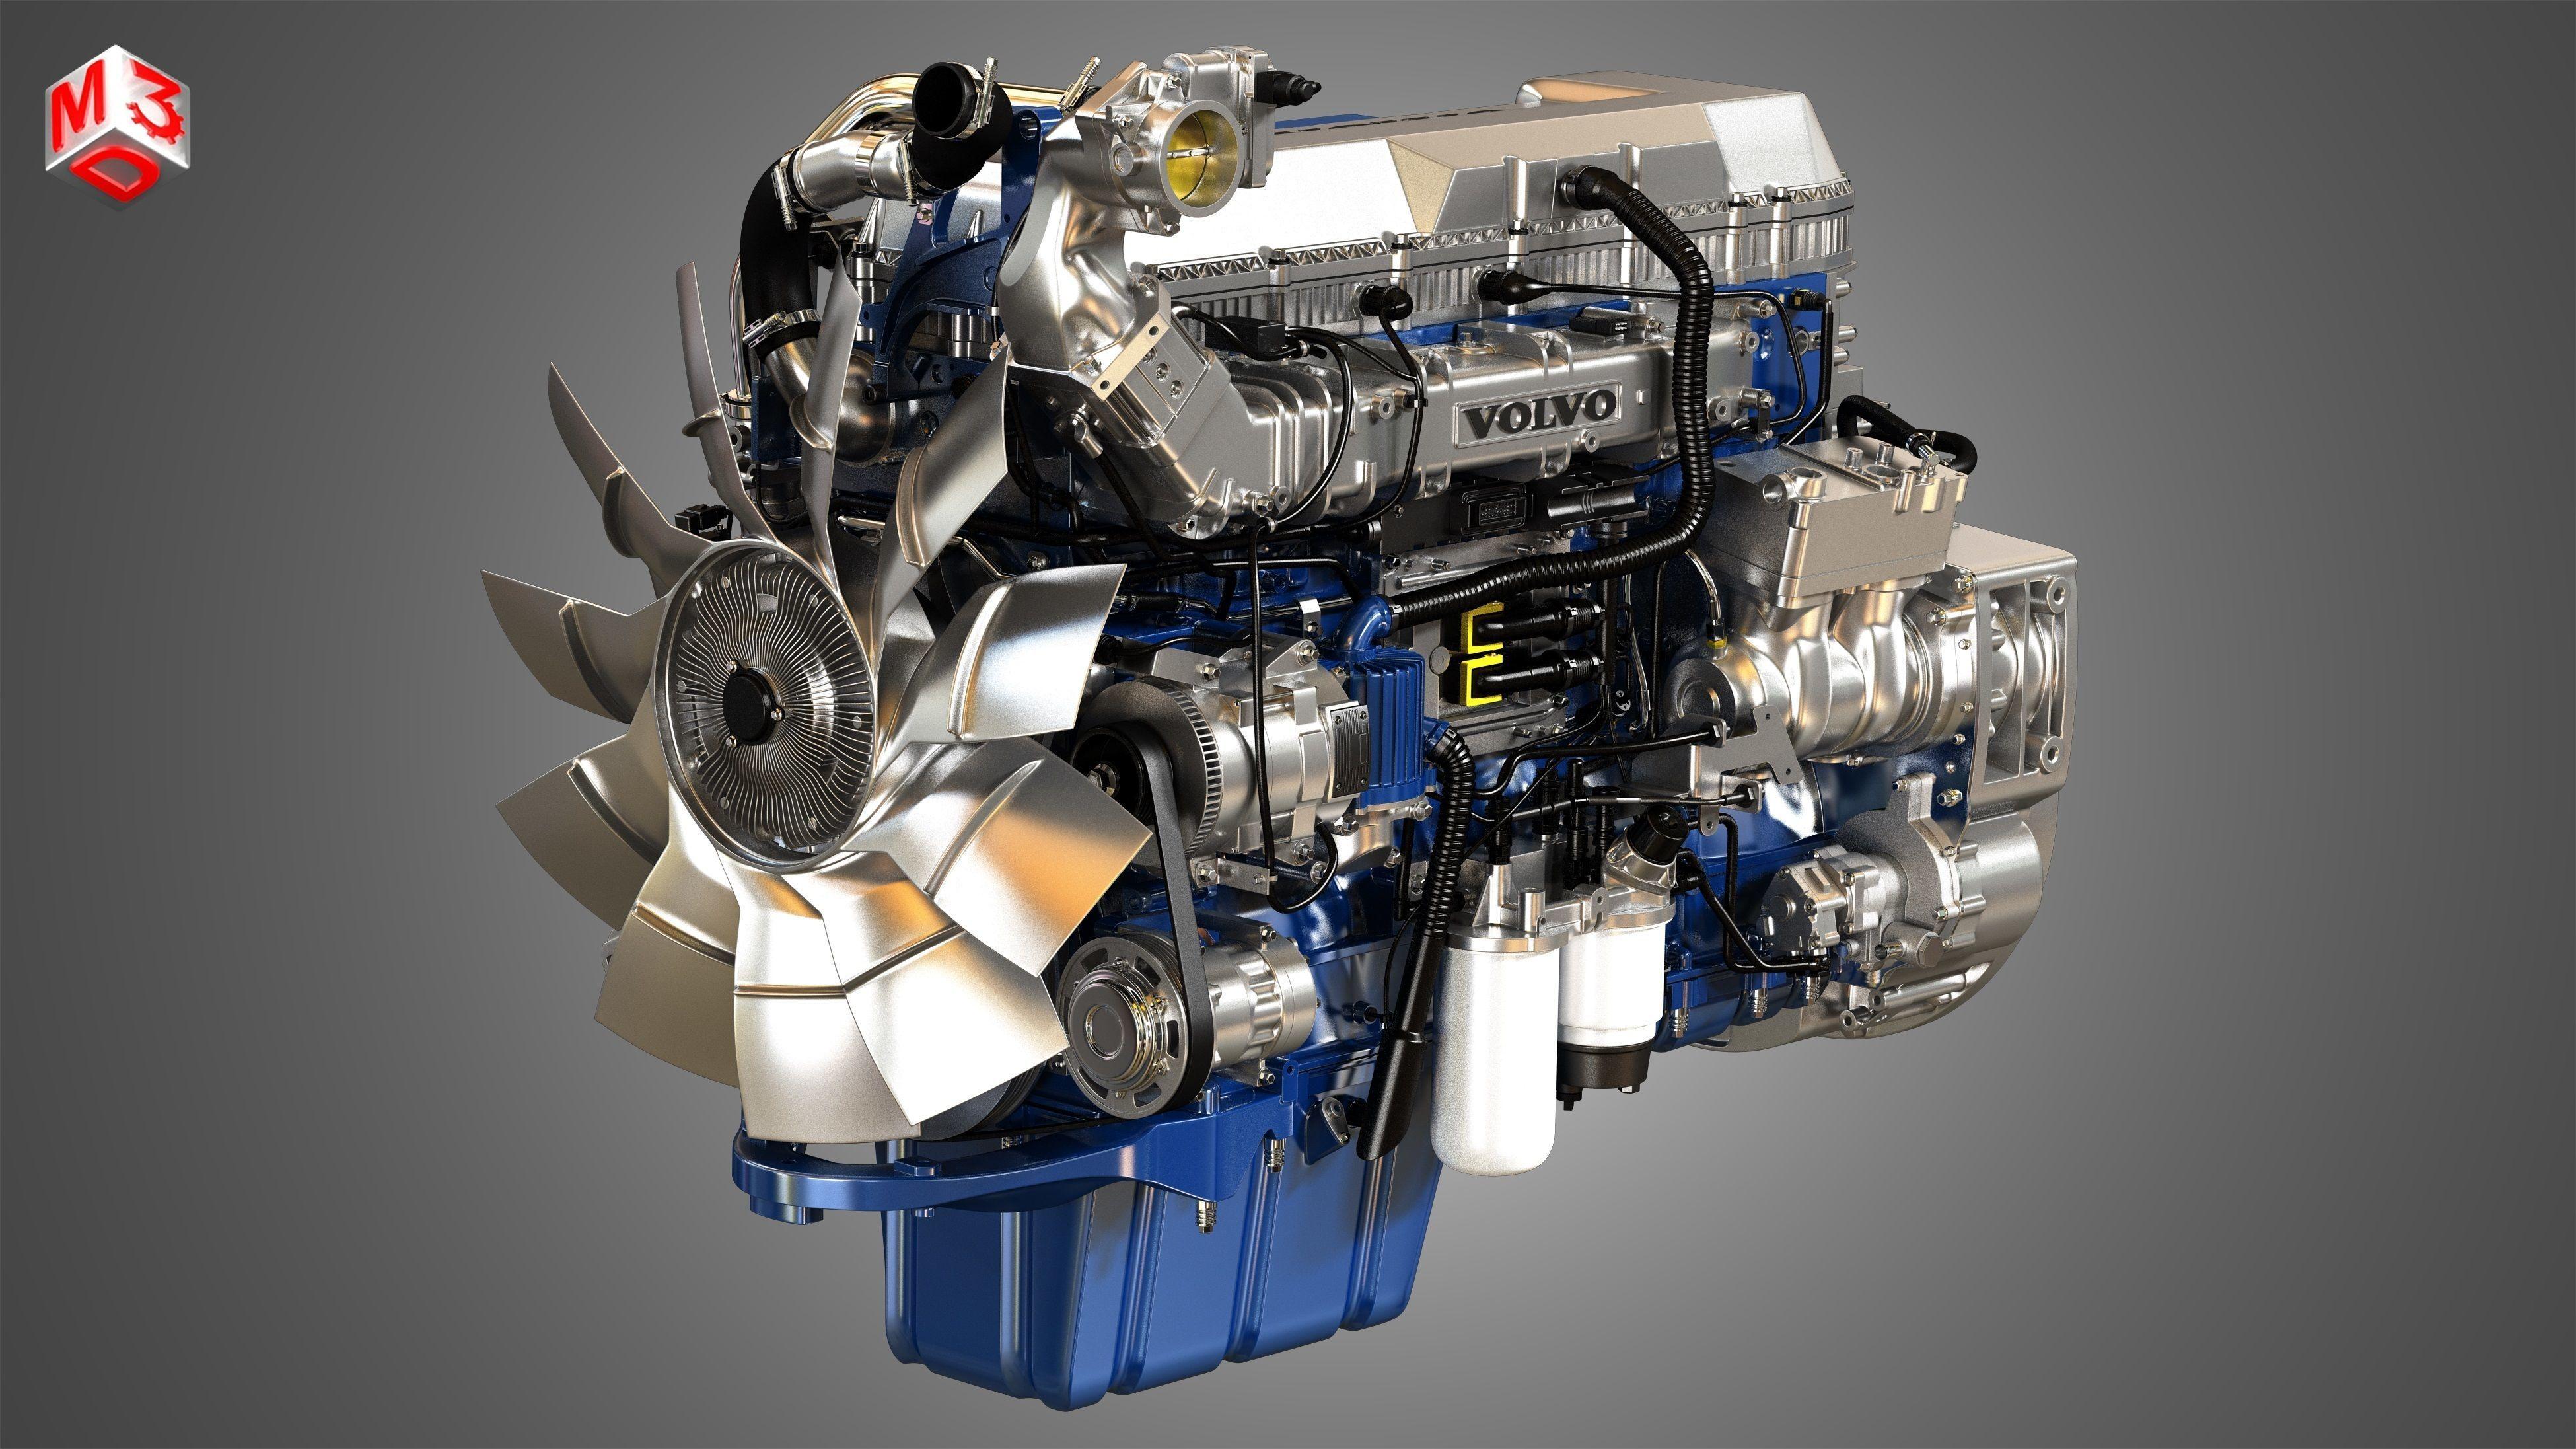 D13 Heavy Duty Truck Engine - 6 Cylinder Diesel Engine